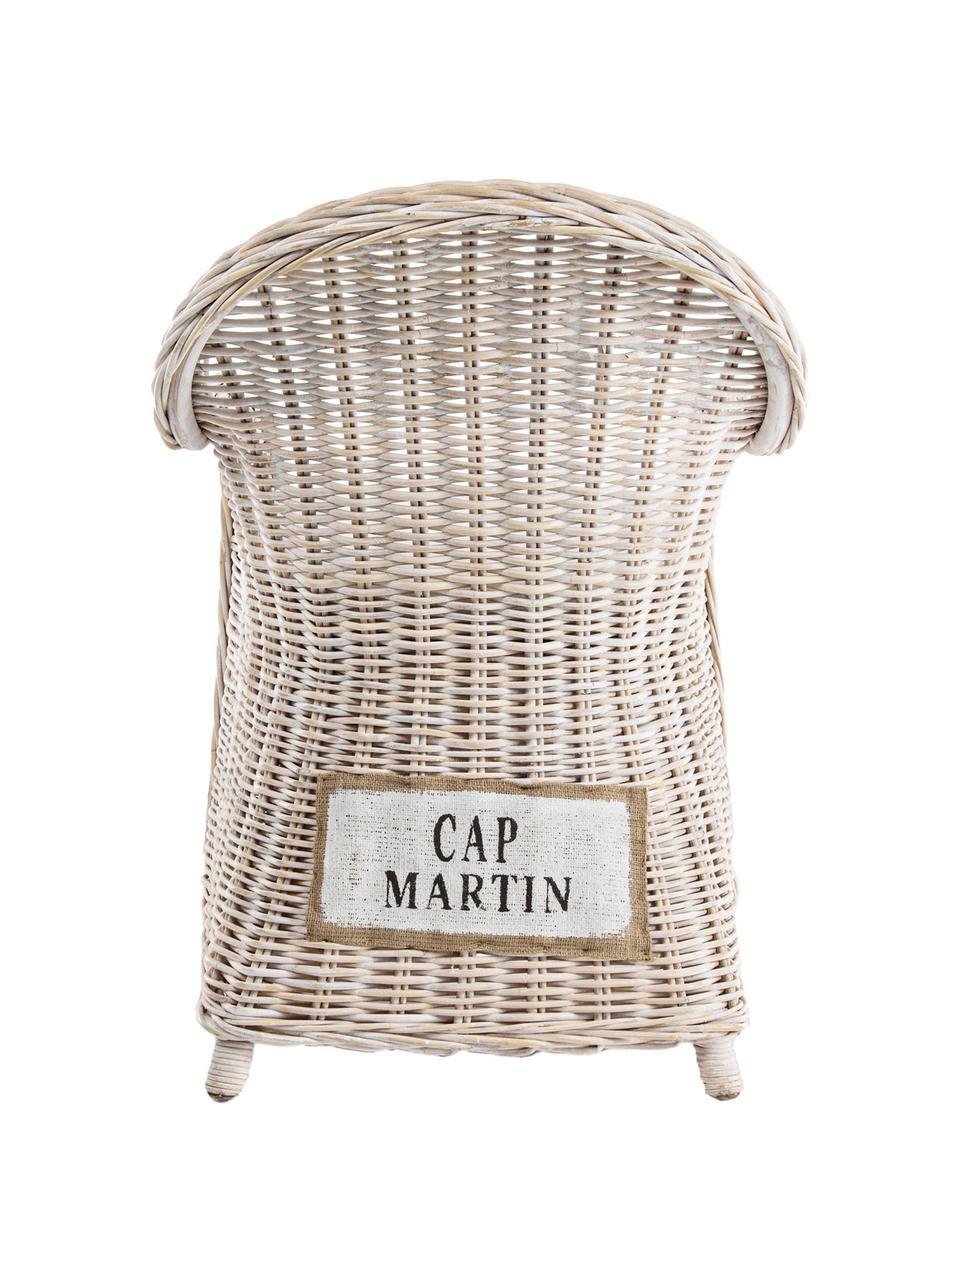 Rattan-Armlehnstuhl Martin mit Sitzauflage, Bezug: Baumwolle, Rattan, Weiß, 60 x 89 cm